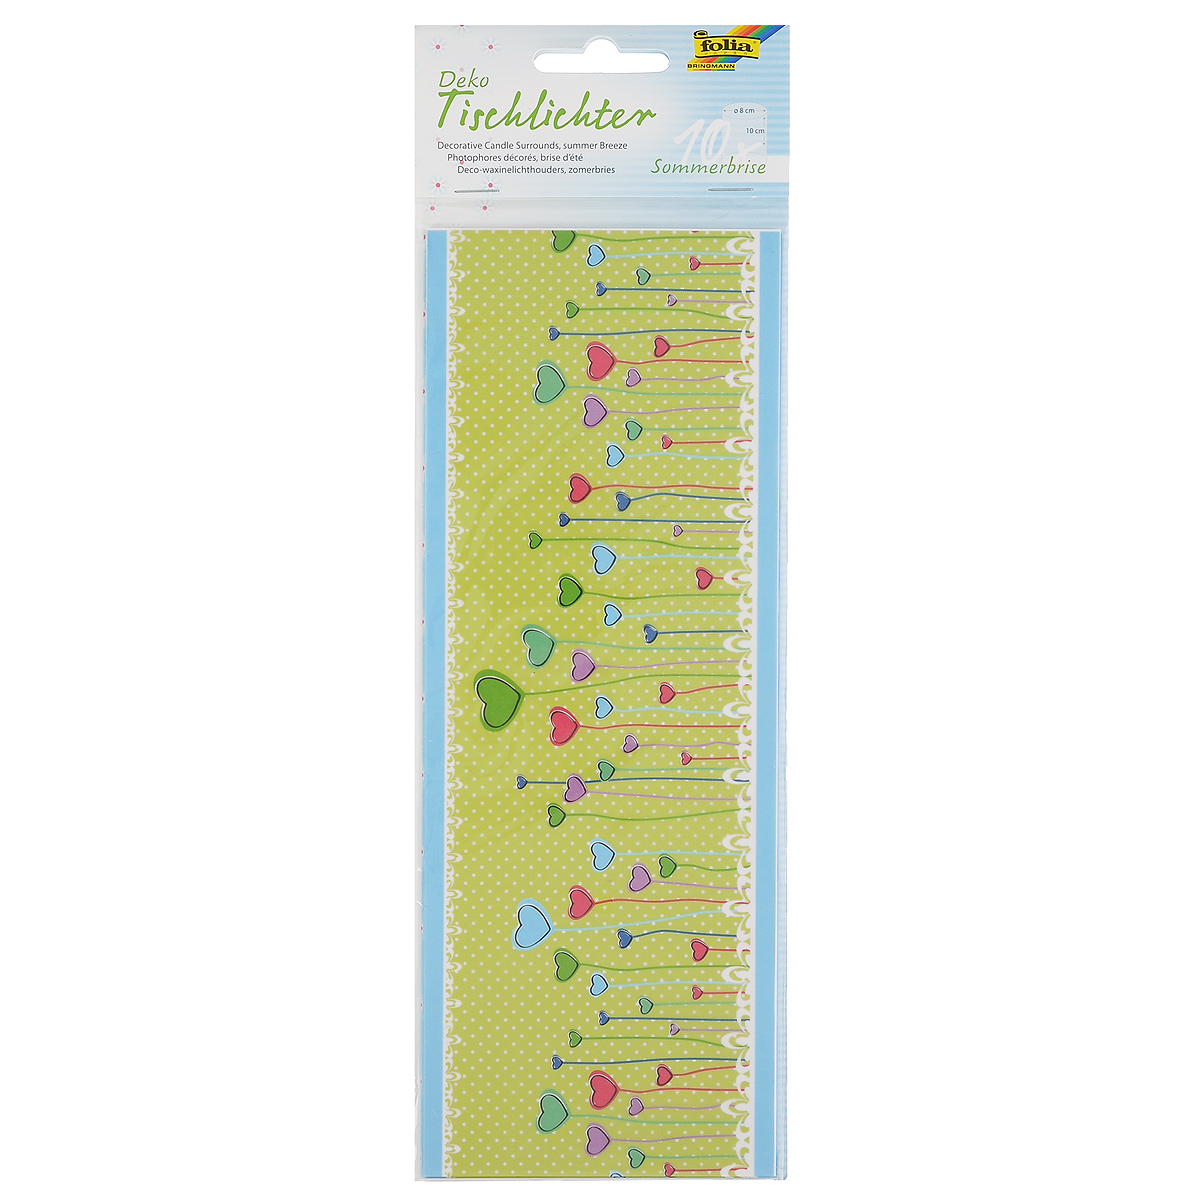 Бумага Folia Летний бриз для украшения свечей, 10 х 27 см, 10 листов бумага папиросная folia 50 см х 70 см 10 листов 7708130